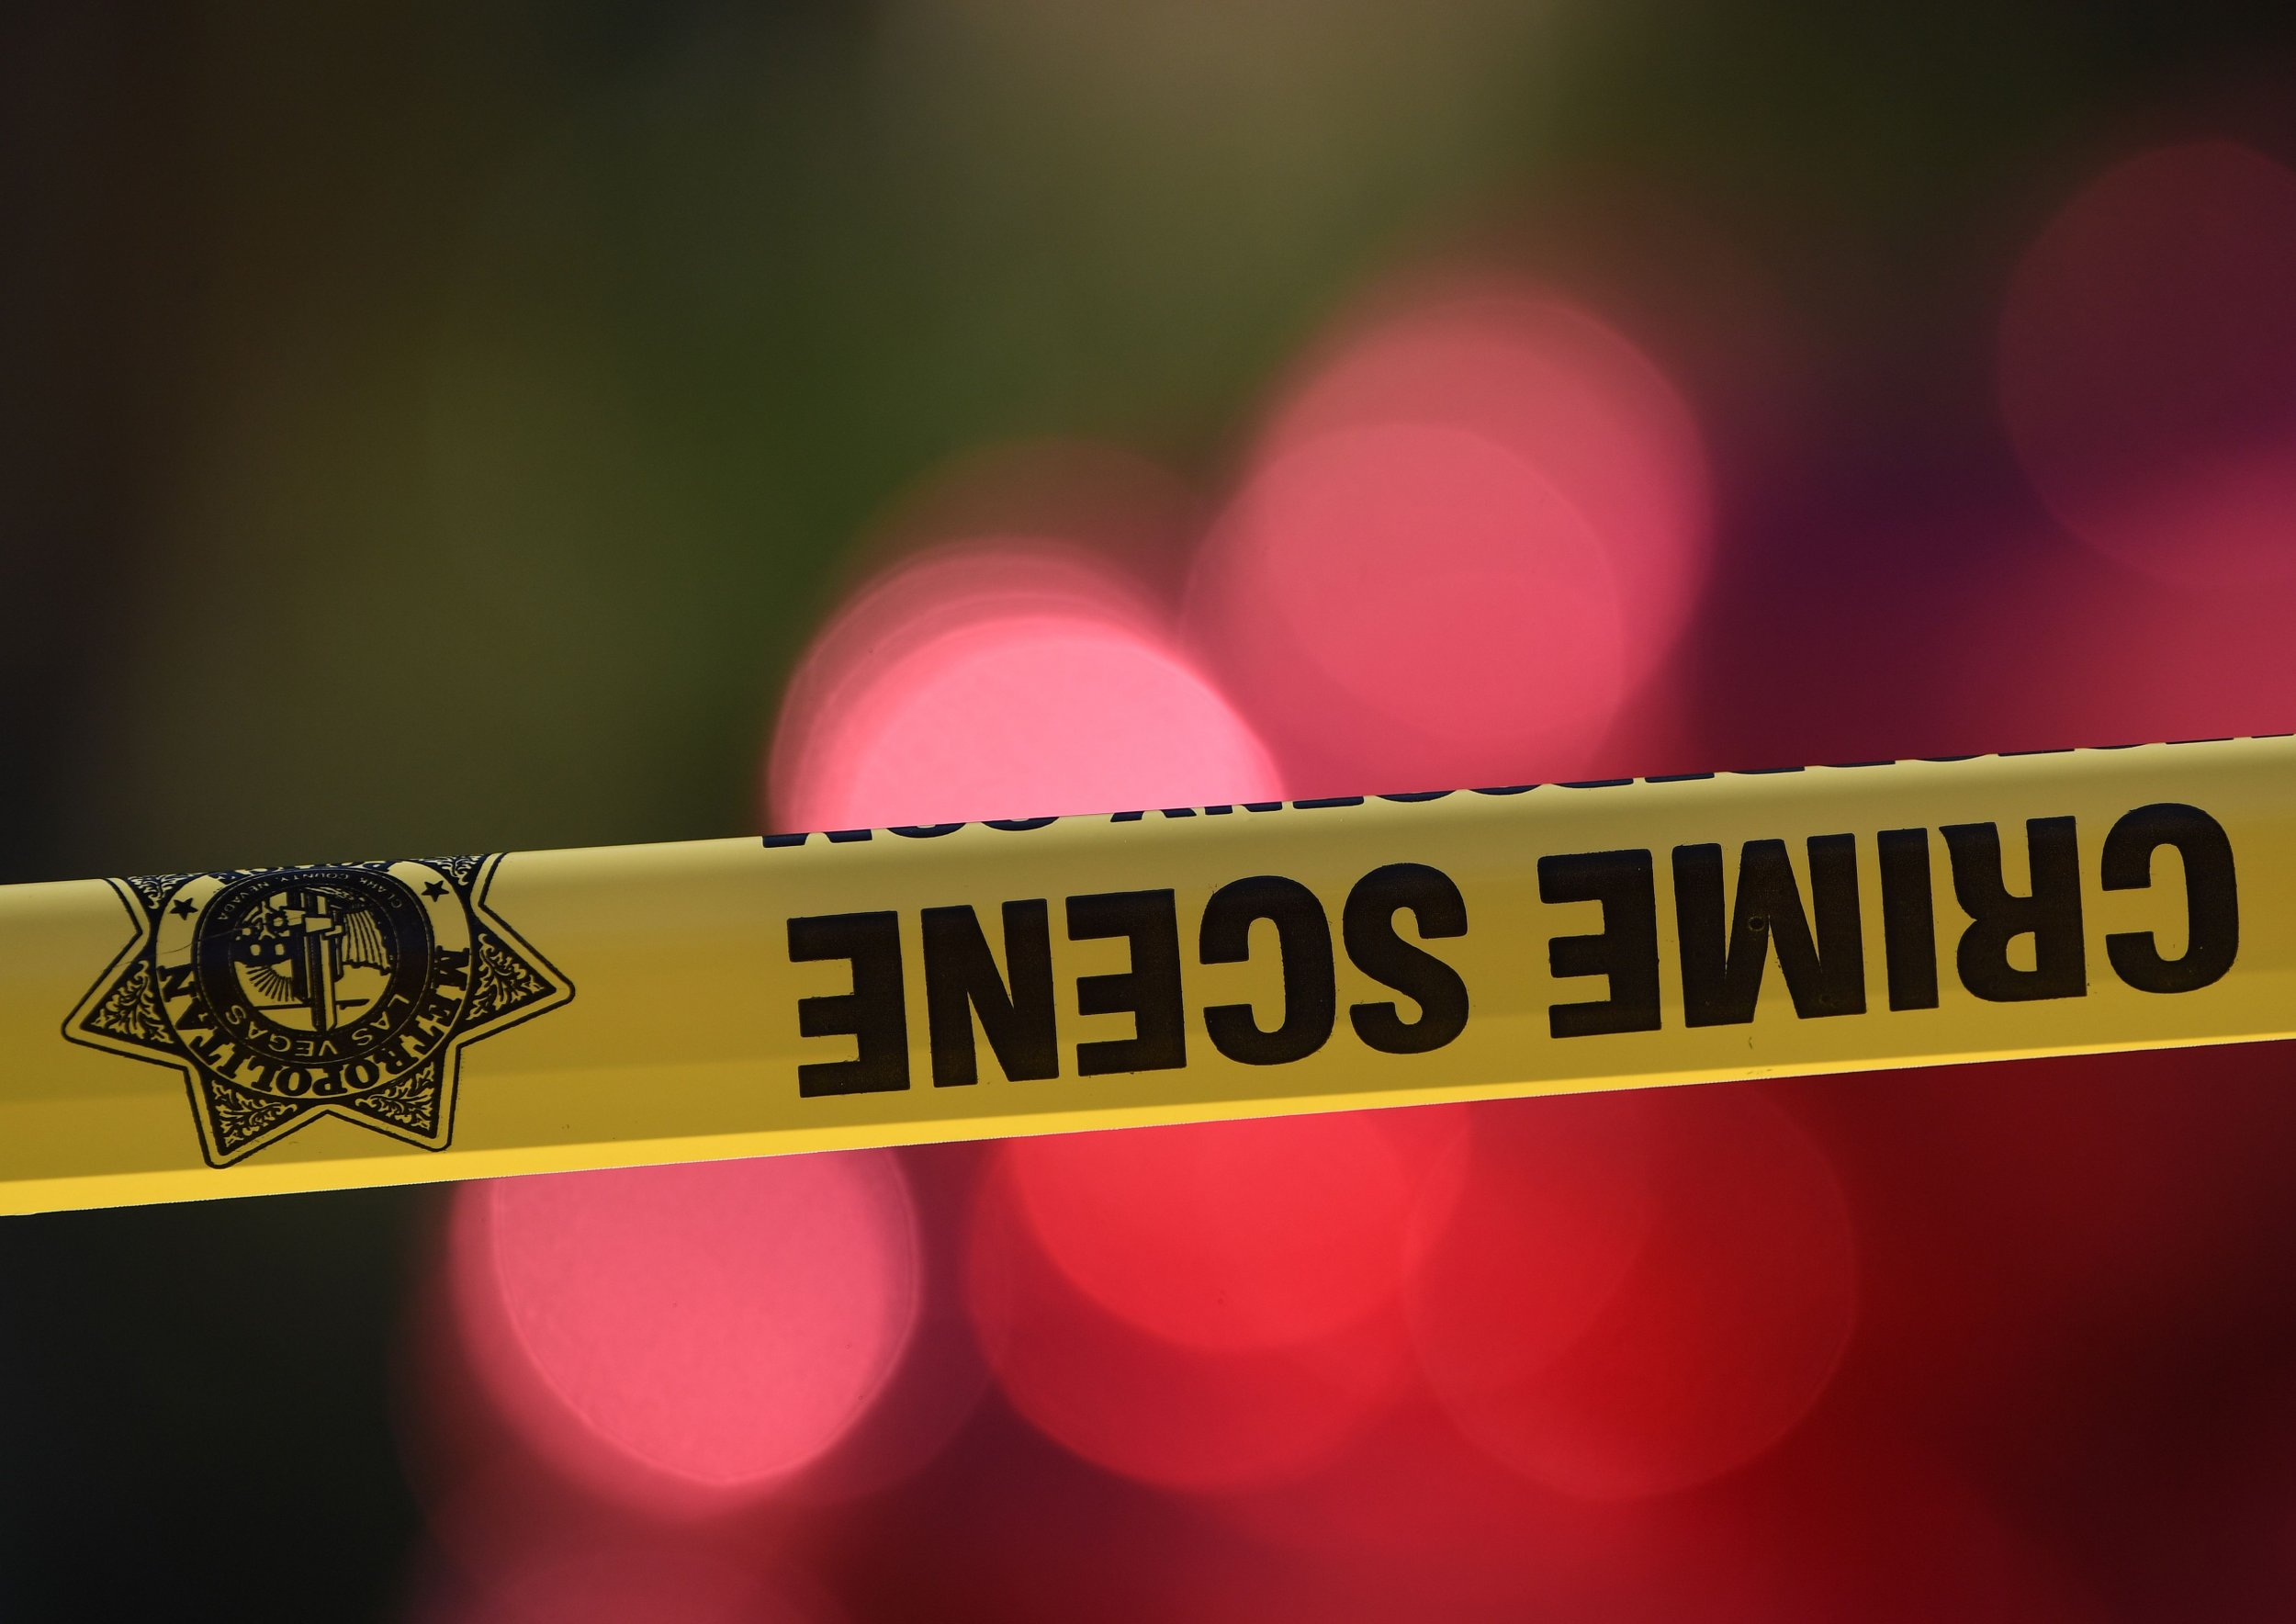 tomball texas shooting father son wife son facebook